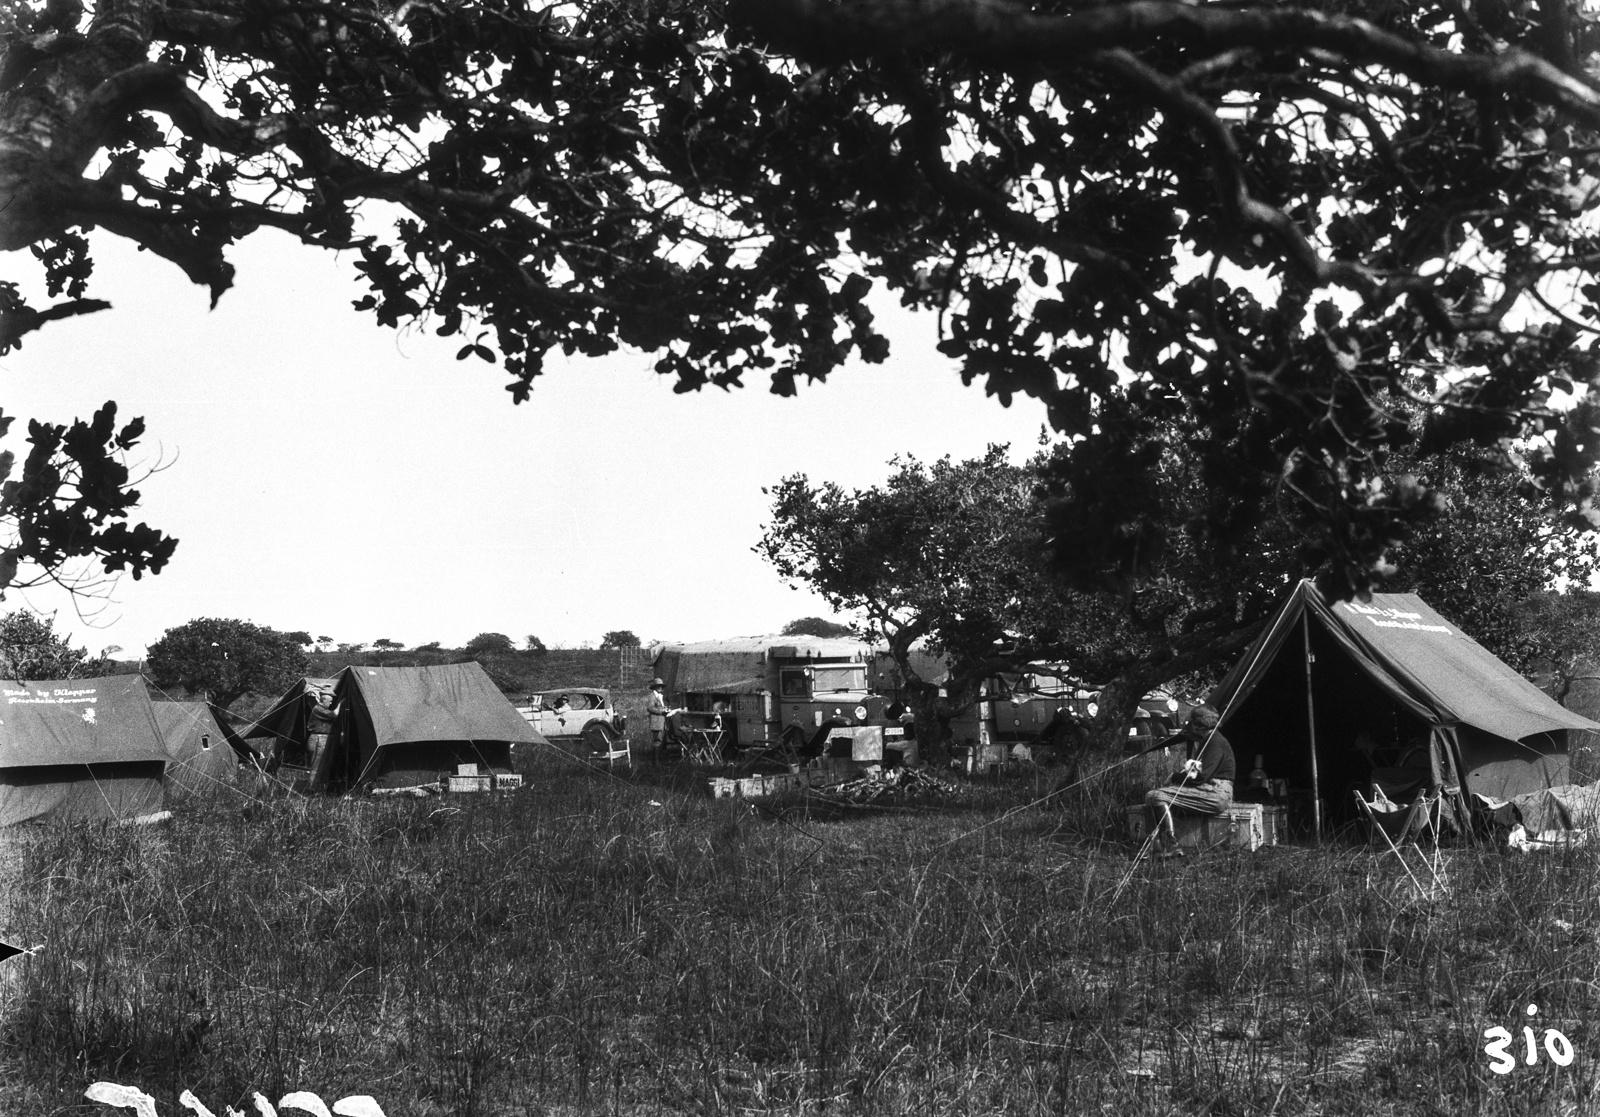 Южно-Африканский Союз. Квазулу-Наталь.  Экспедиционный лагерь в парке Умфолози